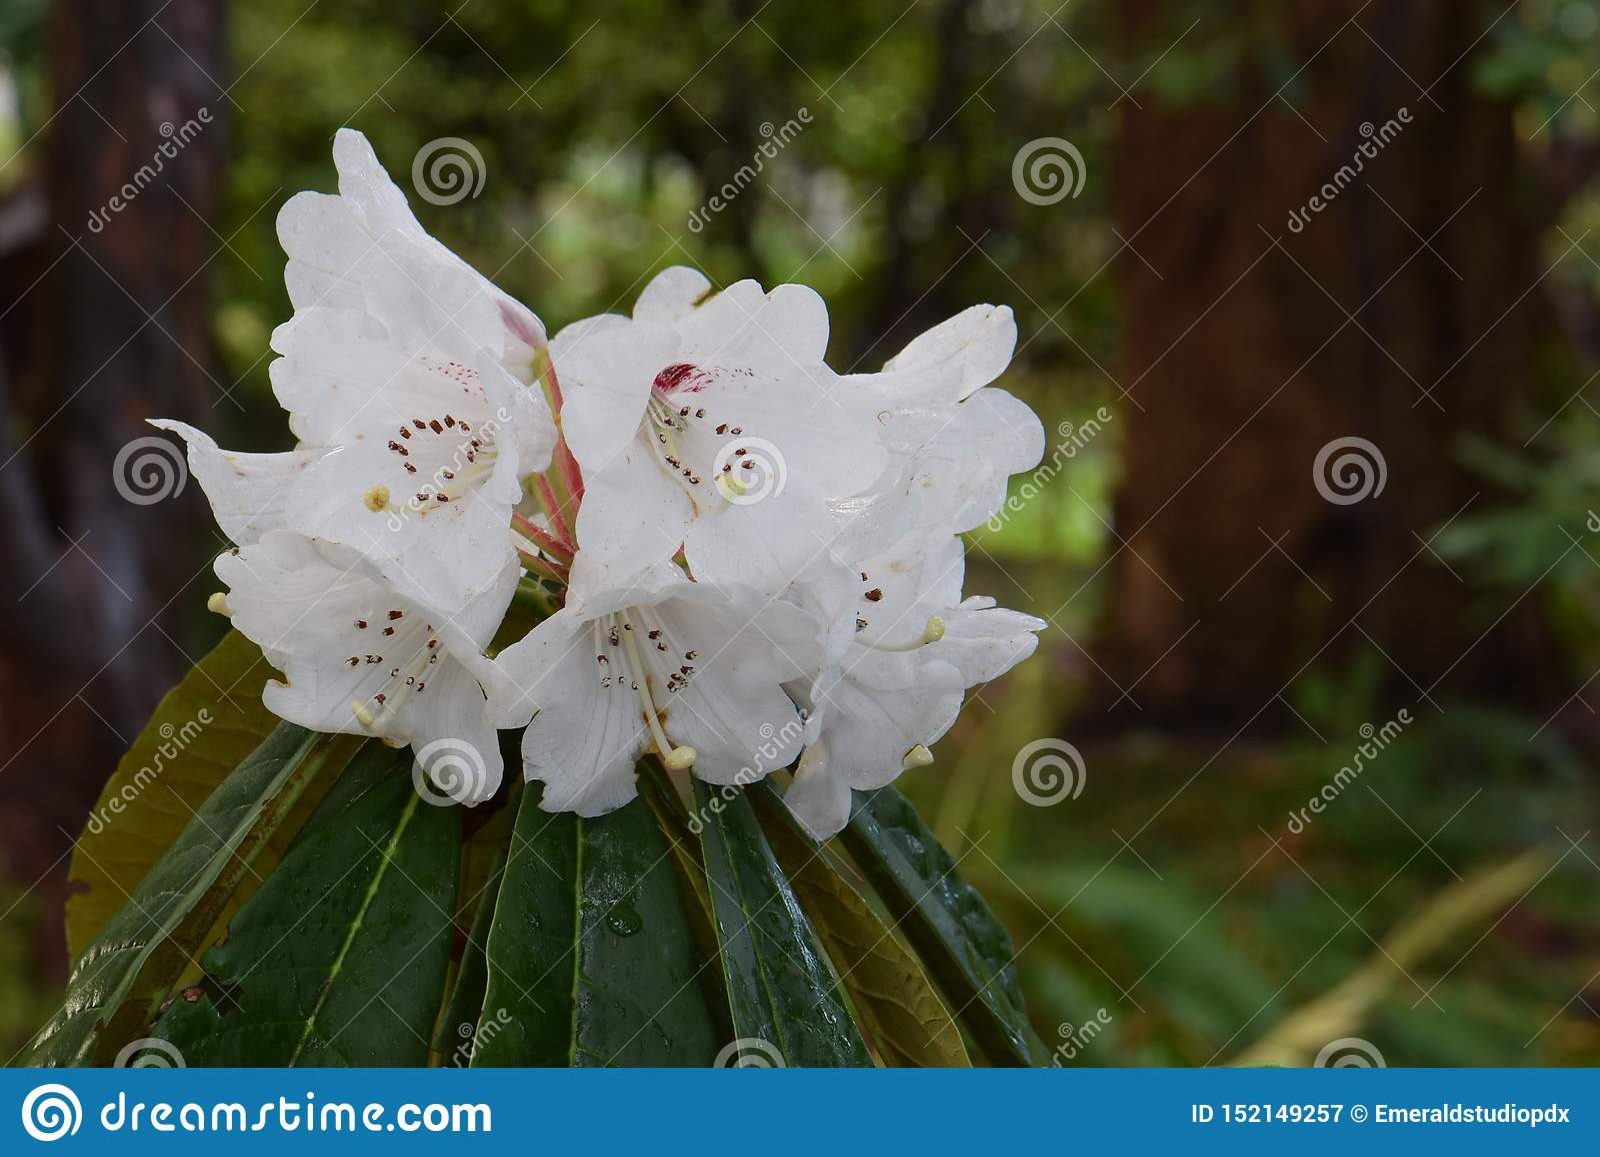 Rhododendron Arboreum 02